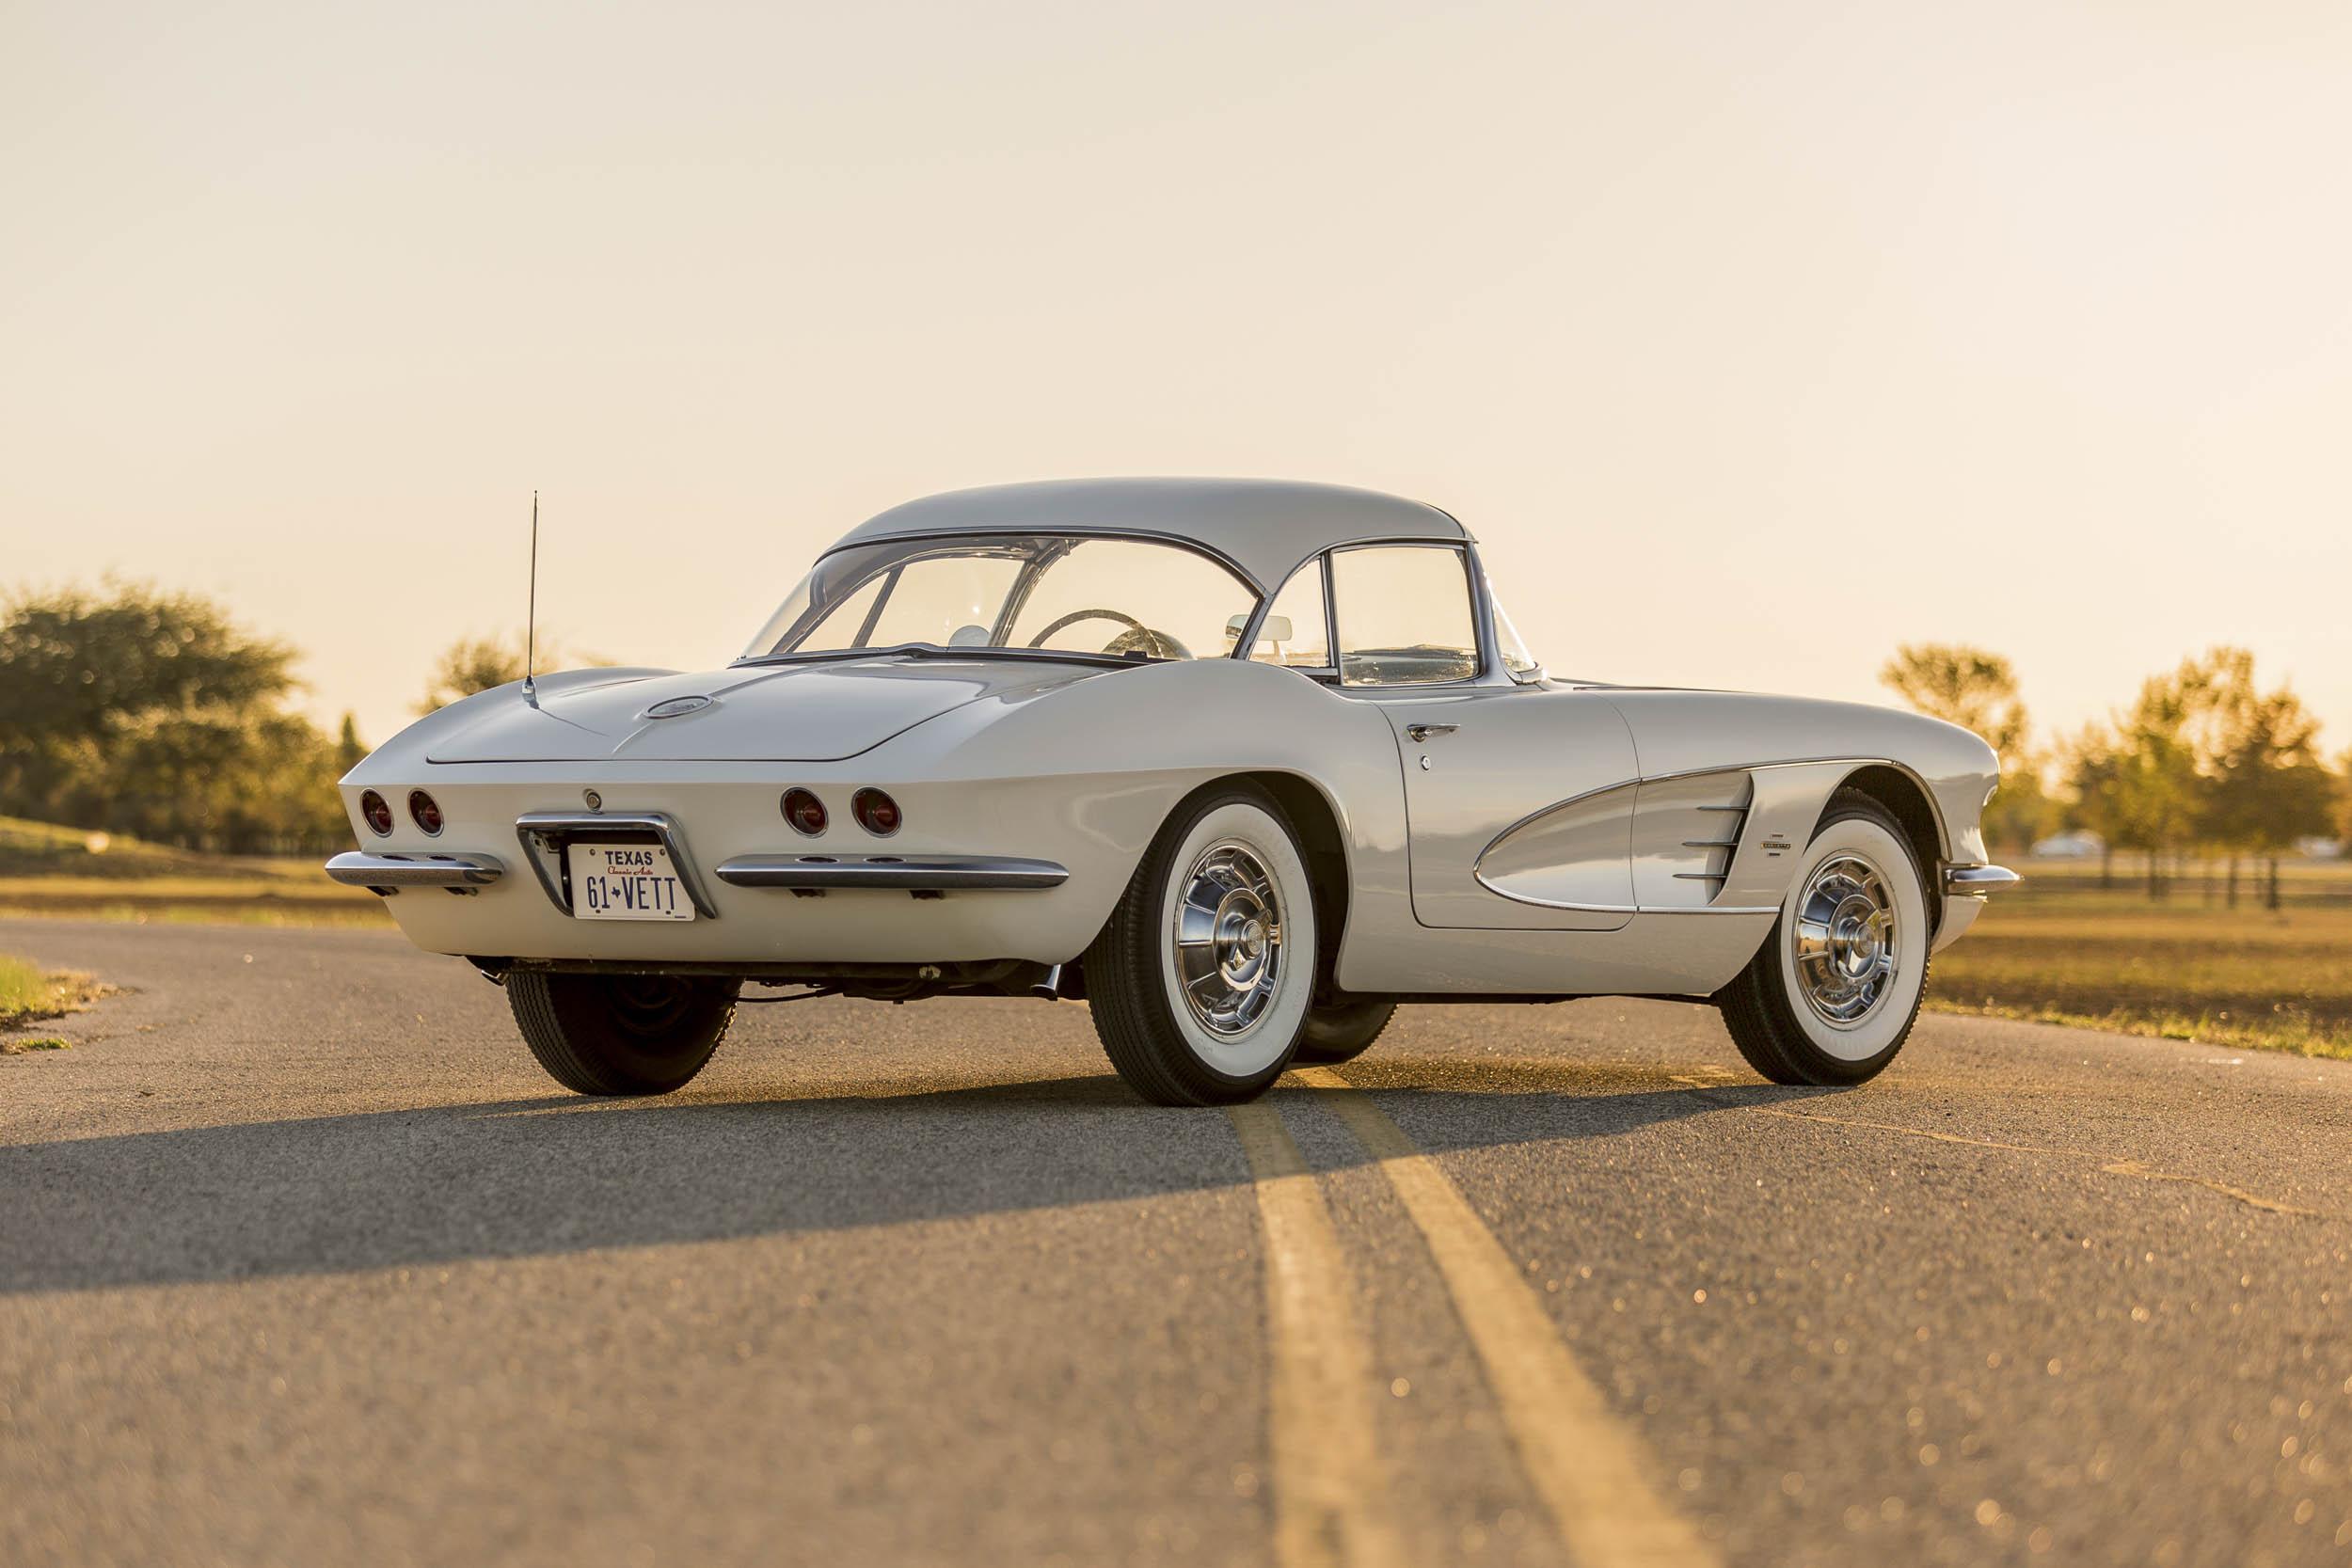 1961 Chevrolet Corvette rear 3/4